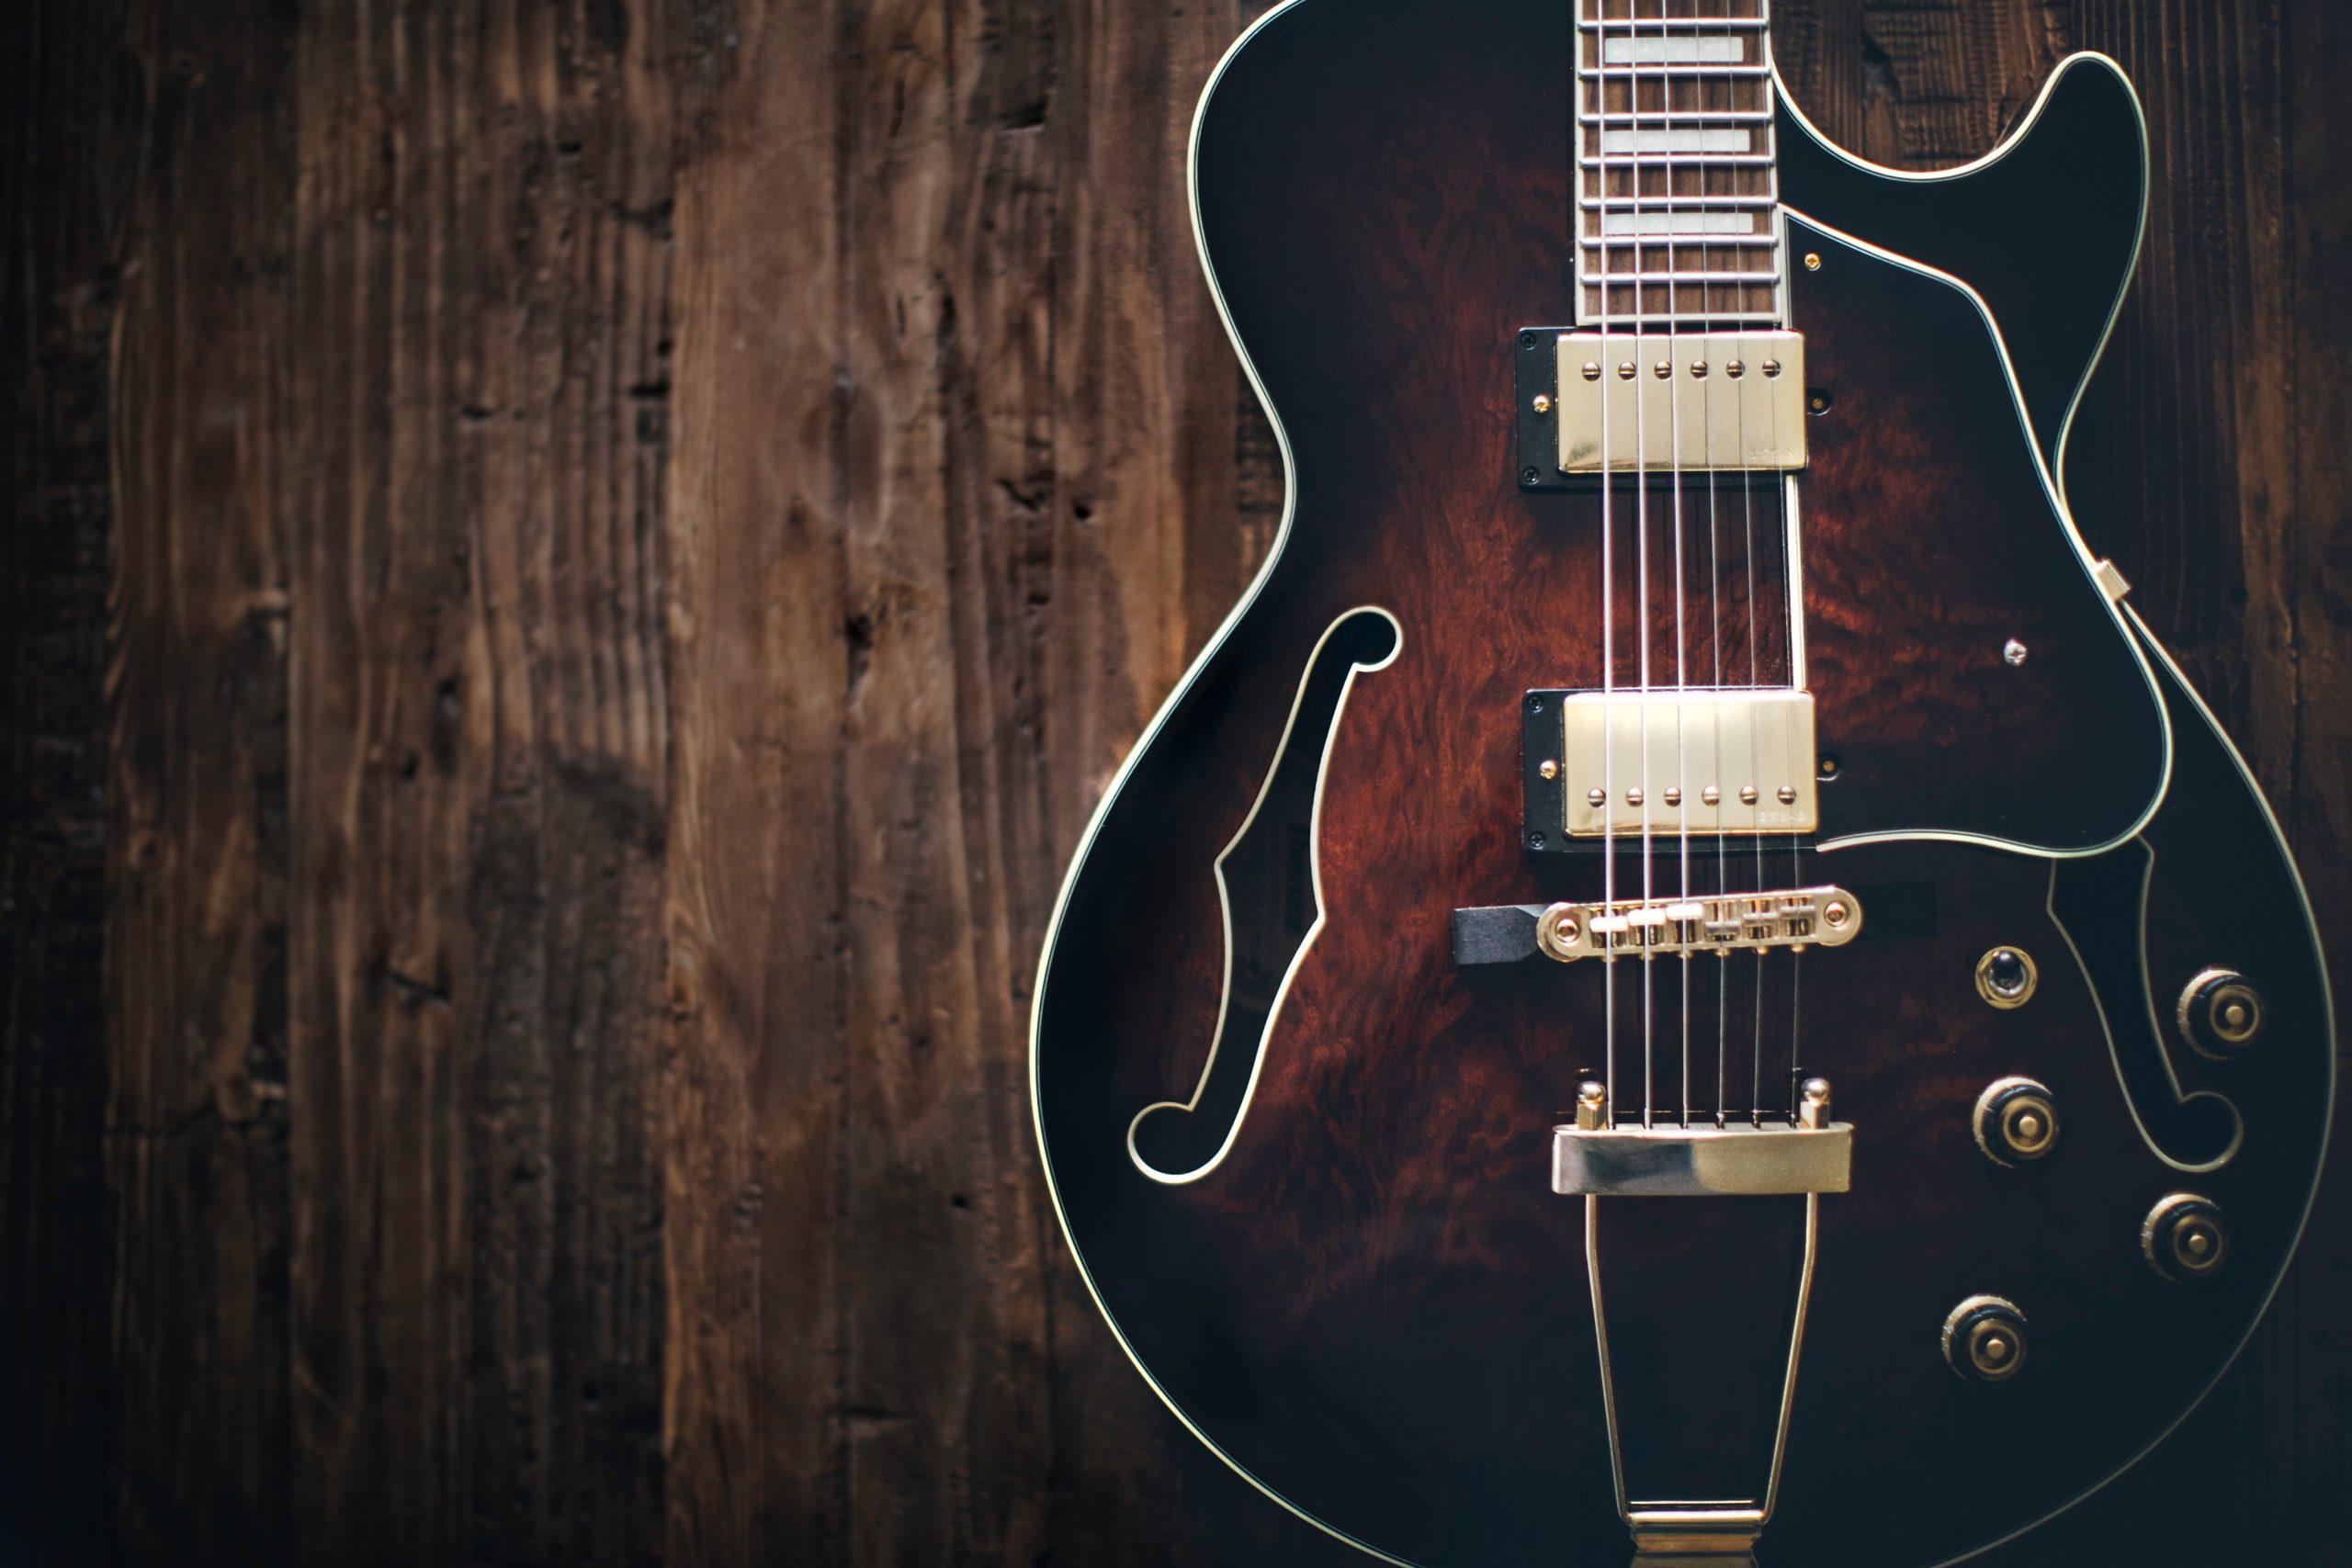 「ギタリストが解説! ギター初心者が好きな曲を弾けるようになるまでのポイント」のアイキャッチ画像